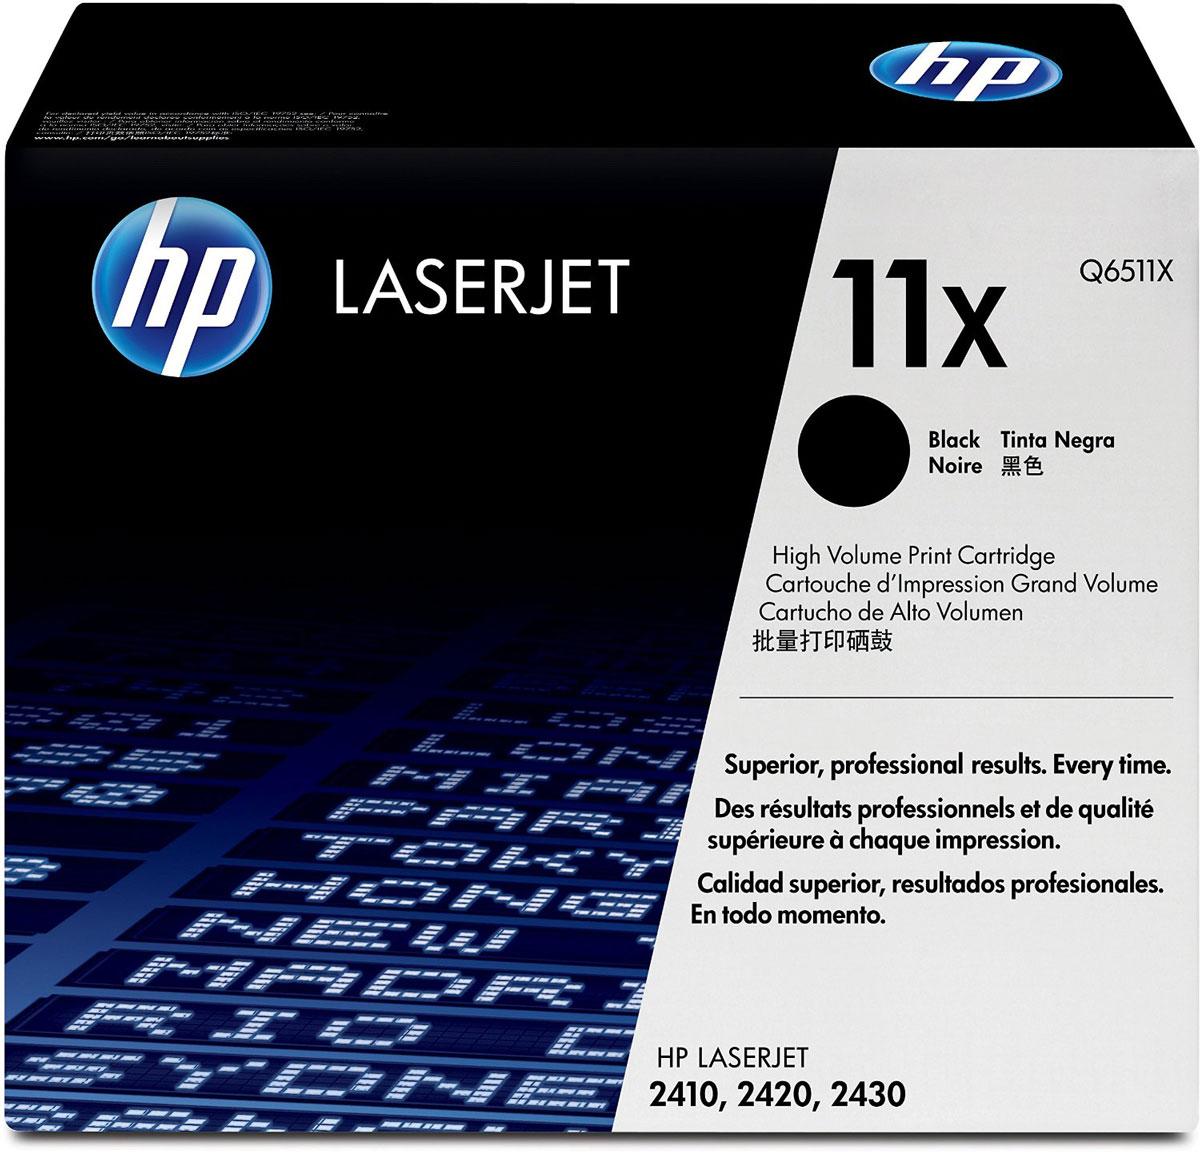 HP Q6511X (11X), Black тонер-картридж для LaserJet 2410/2420/2430Q6511XКартриджи HP Q6511X (11X) обеспечивает бесперебойную печать. Оригинальные картриджи HP с оригинальным тонером HP гарантируют качественное выполнение задач печати в офисе. Добейтесь превосходного качества черно-белой печати для повседневных нужд. Это недорогое и производительное решение отлично подойдет для печати отчетов, счетов, таблиц и других повседневных документов.Конструкция оригинальных картриджей LaserJet и уникальная формула тонера HP гарантируют неизменно высокое качество печати на протяжении всего срока службы картриджа. Конструкция расходных материалов обеспечивает стабильные показатели ресурса при смене картриджа.